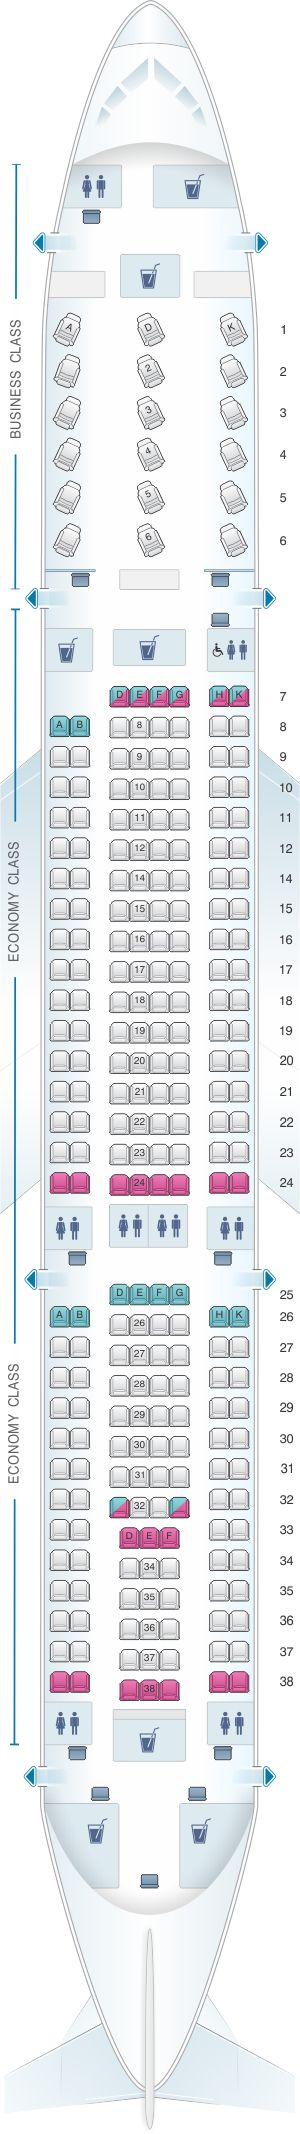 Seat Map Air Serbia Airbus A330 200